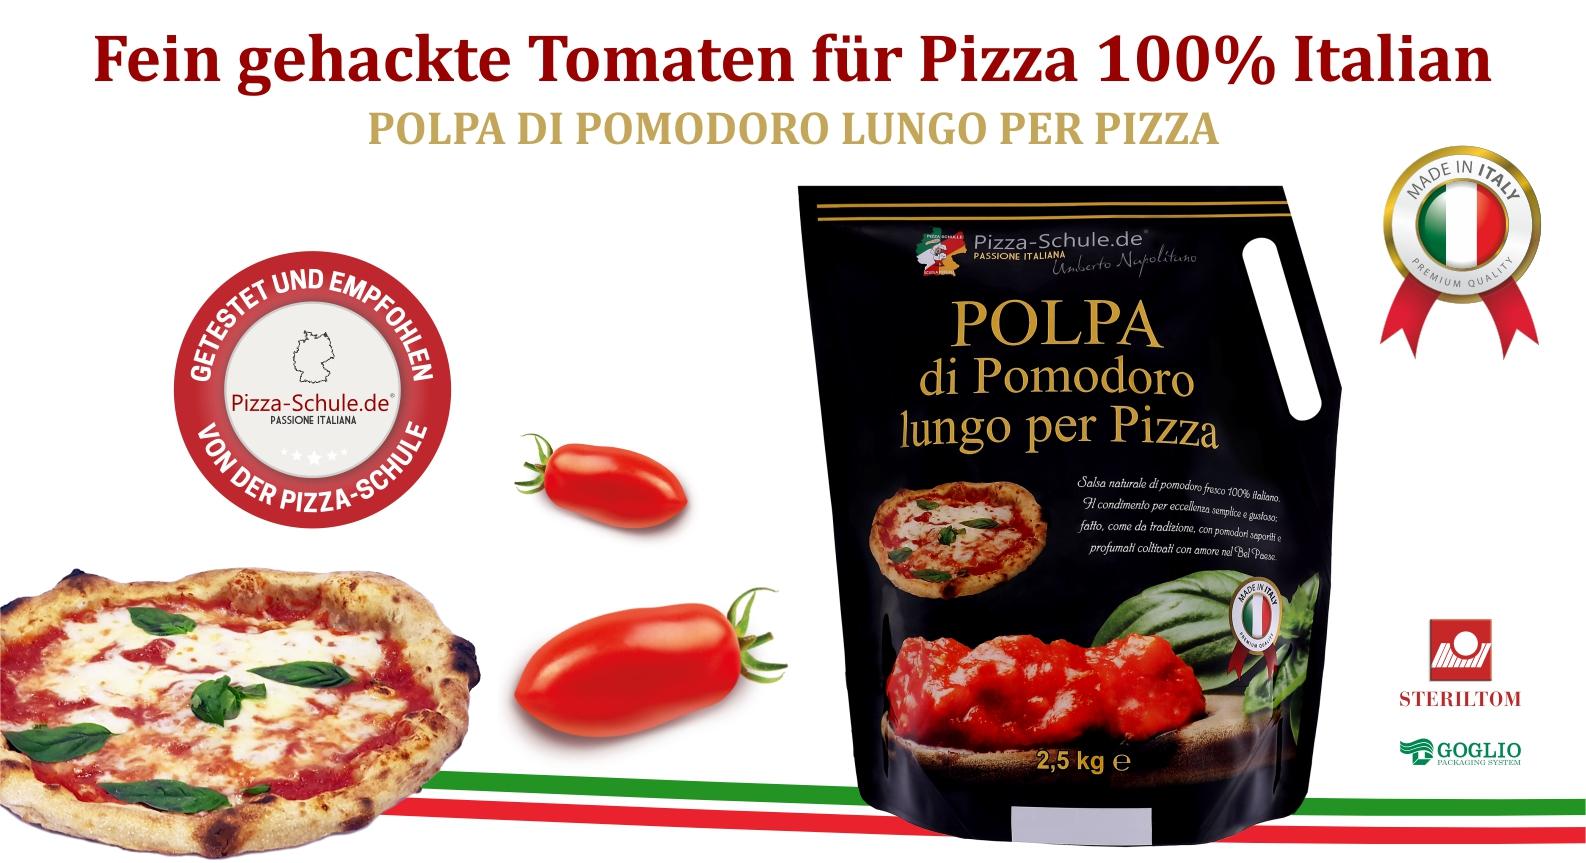 Fein gehackte Tomaten für Pizza 100% Italiano